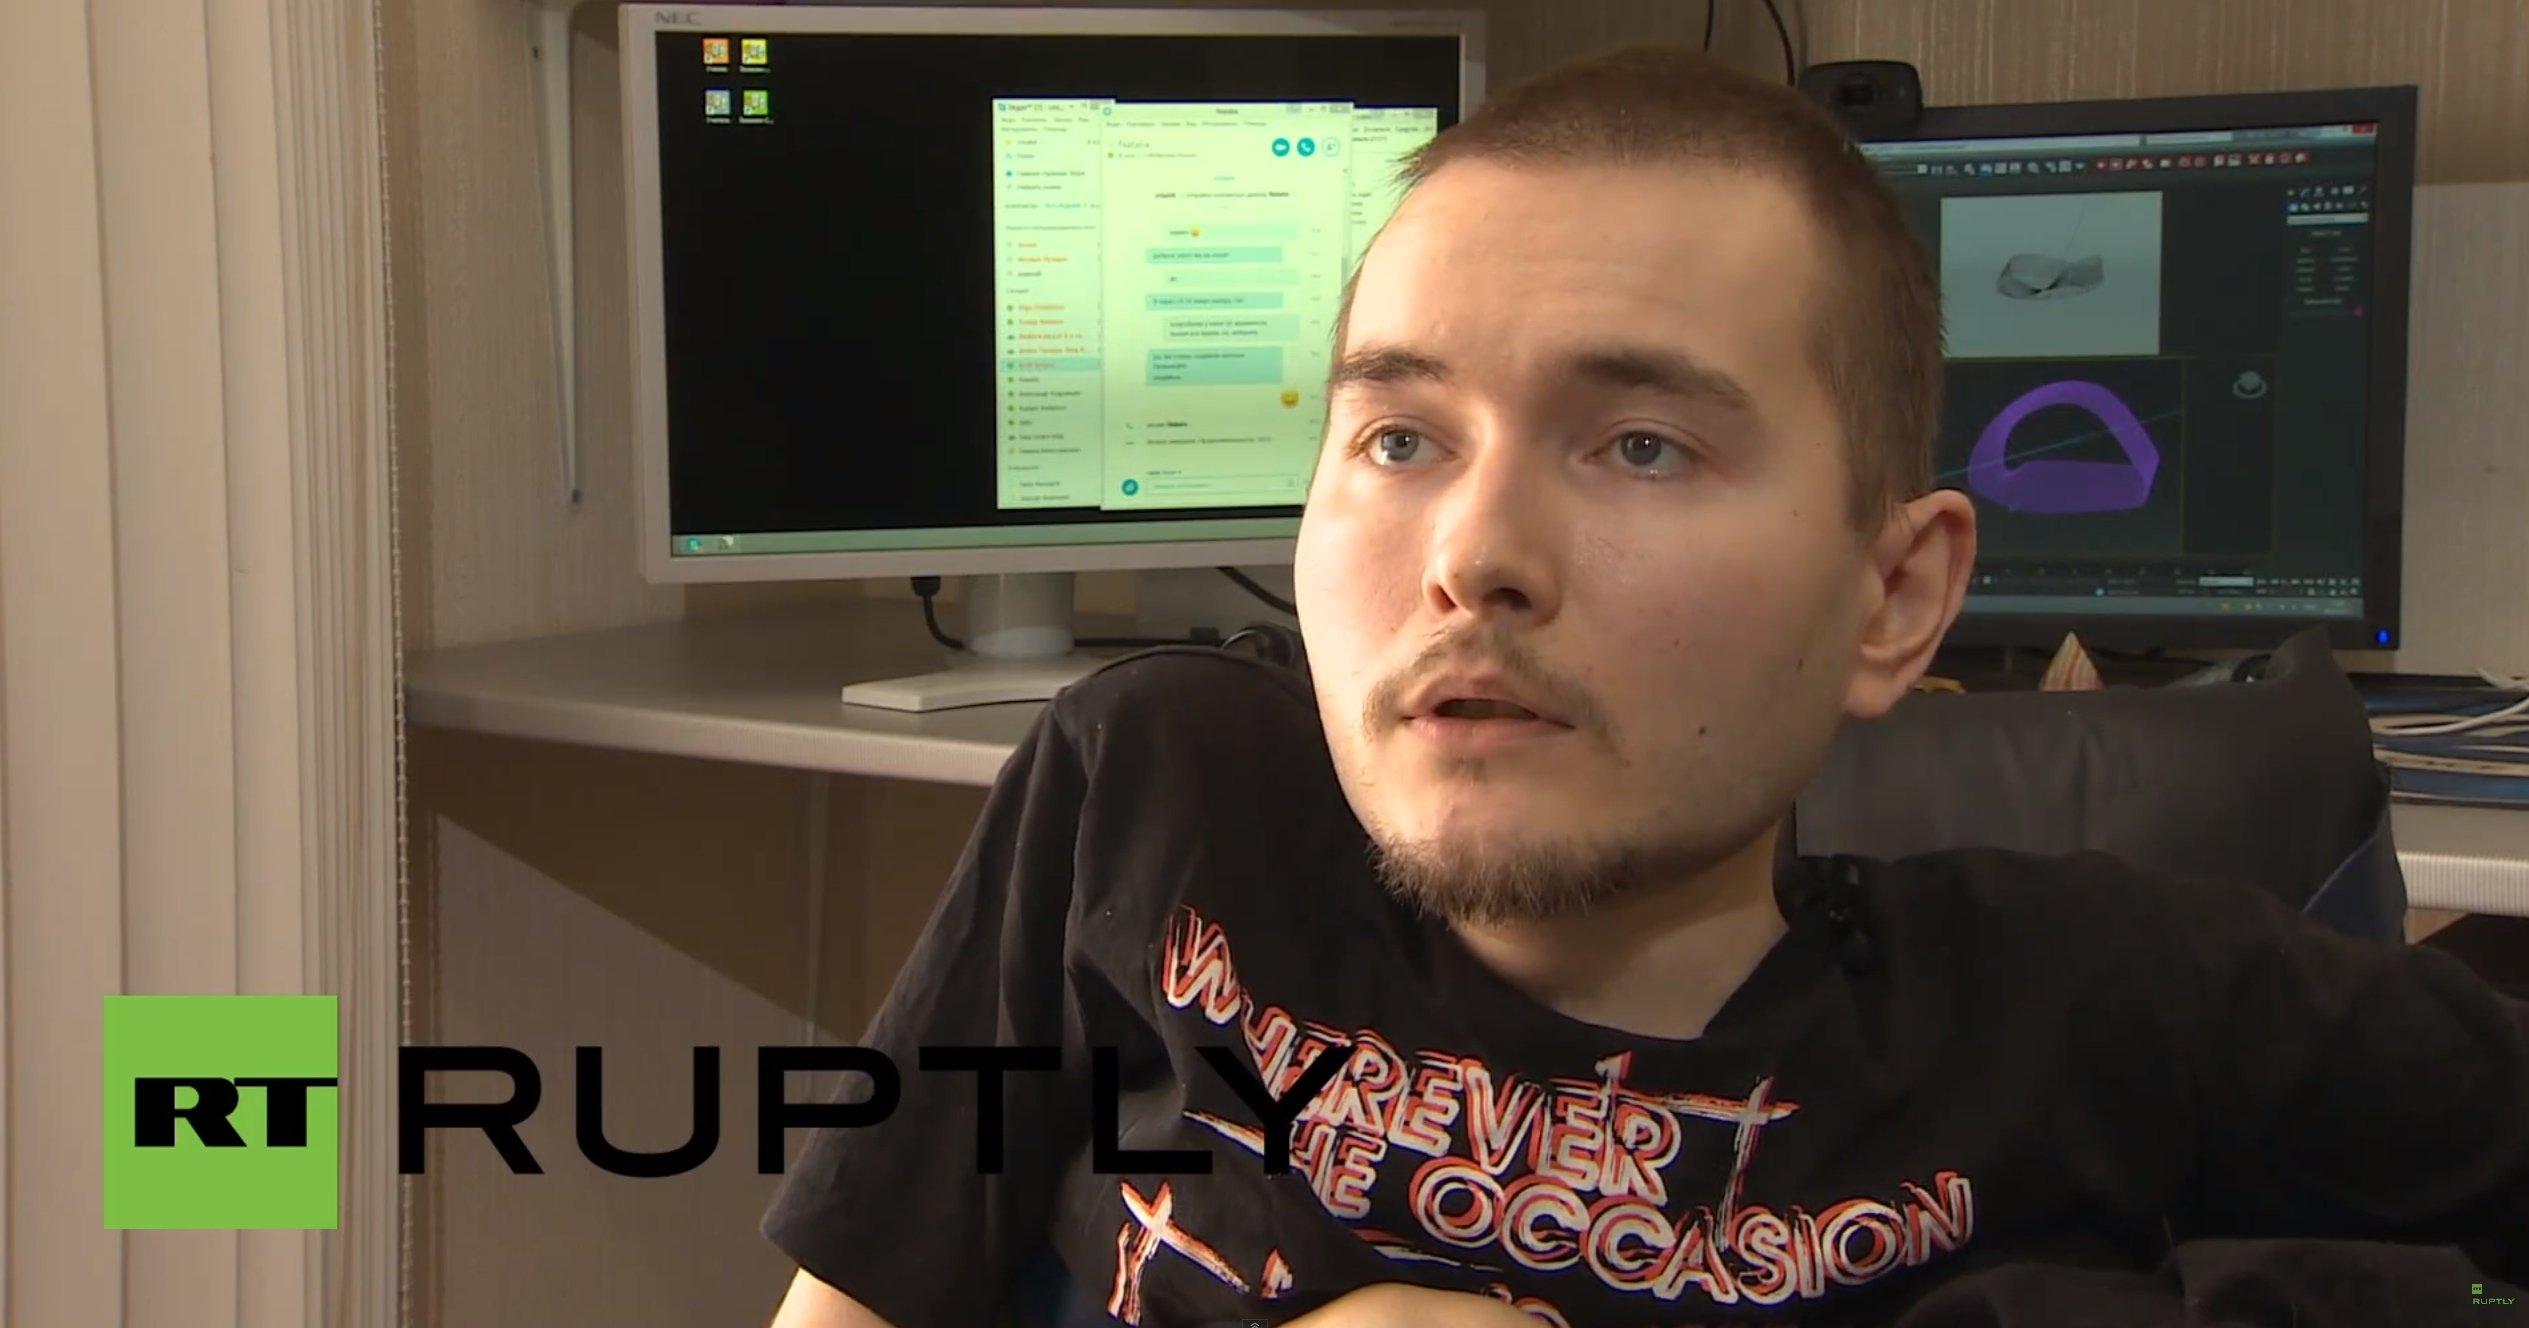 Der 30-jährige Russe Valery Spiridonov, der an einer tödlichen Muskelschwund-Krankheit leidet, hat sich für die Transplantation seines Kopfes zur Verfügung gestellt.